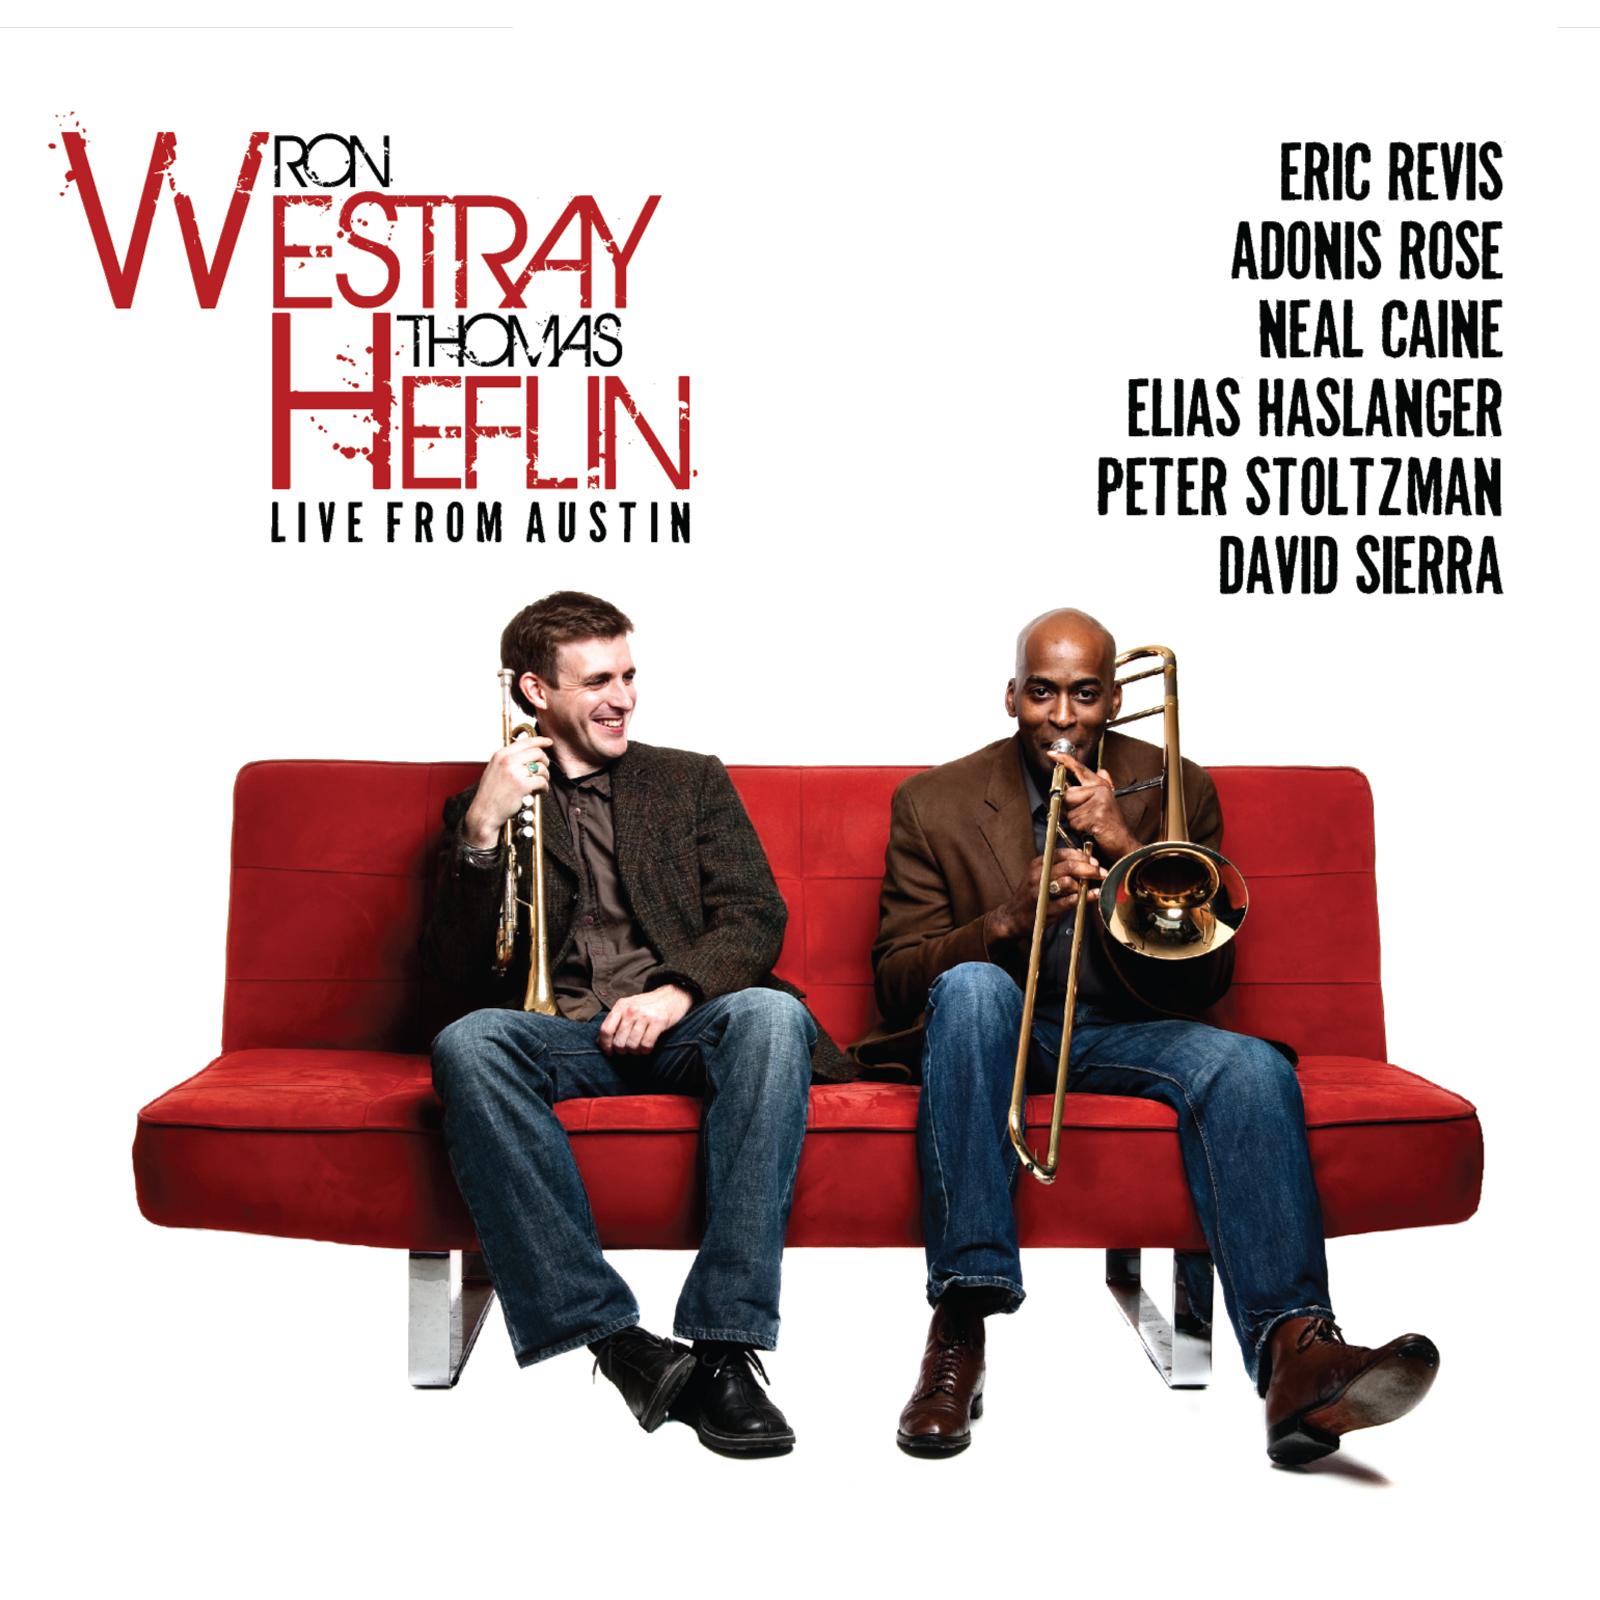 Ron Westray & Thomas Heflin - Live from Austin